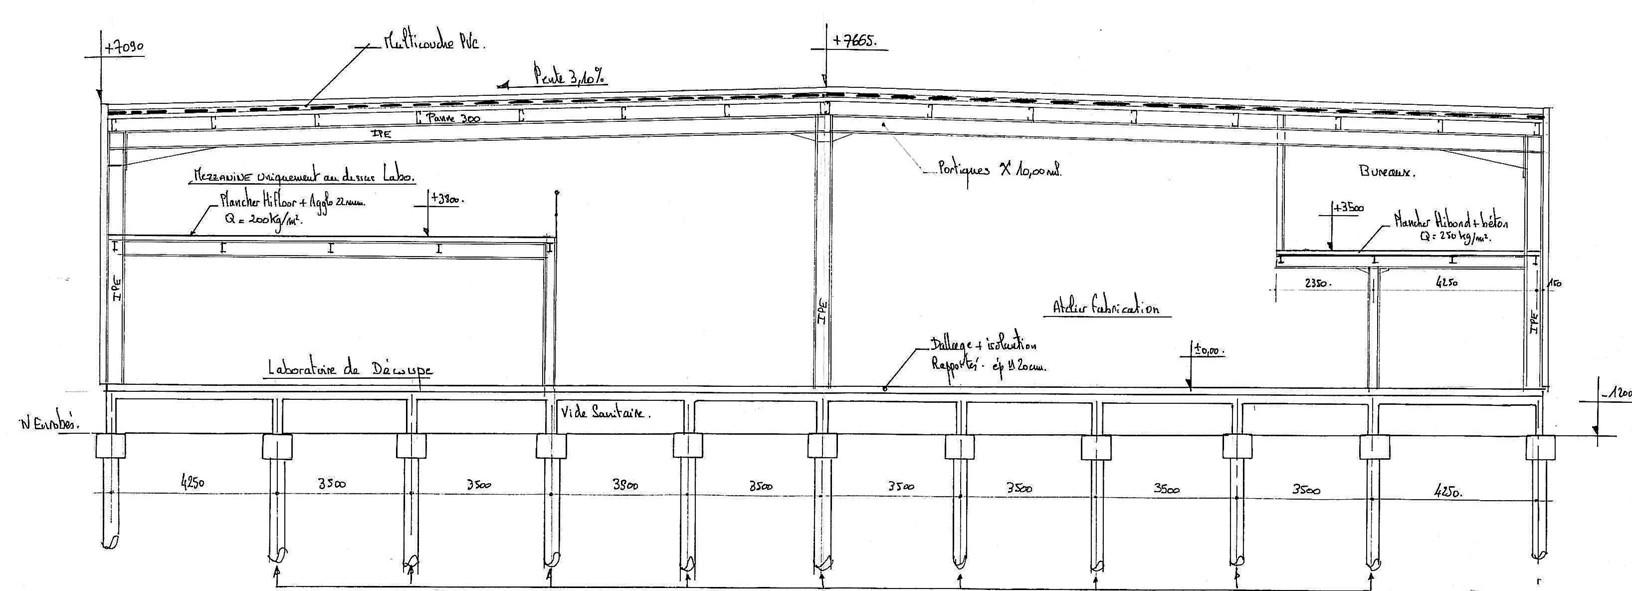 alios ing nierie propose ses services aussi bien aux. Black Bedroom Furniture Sets. Home Design Ideas